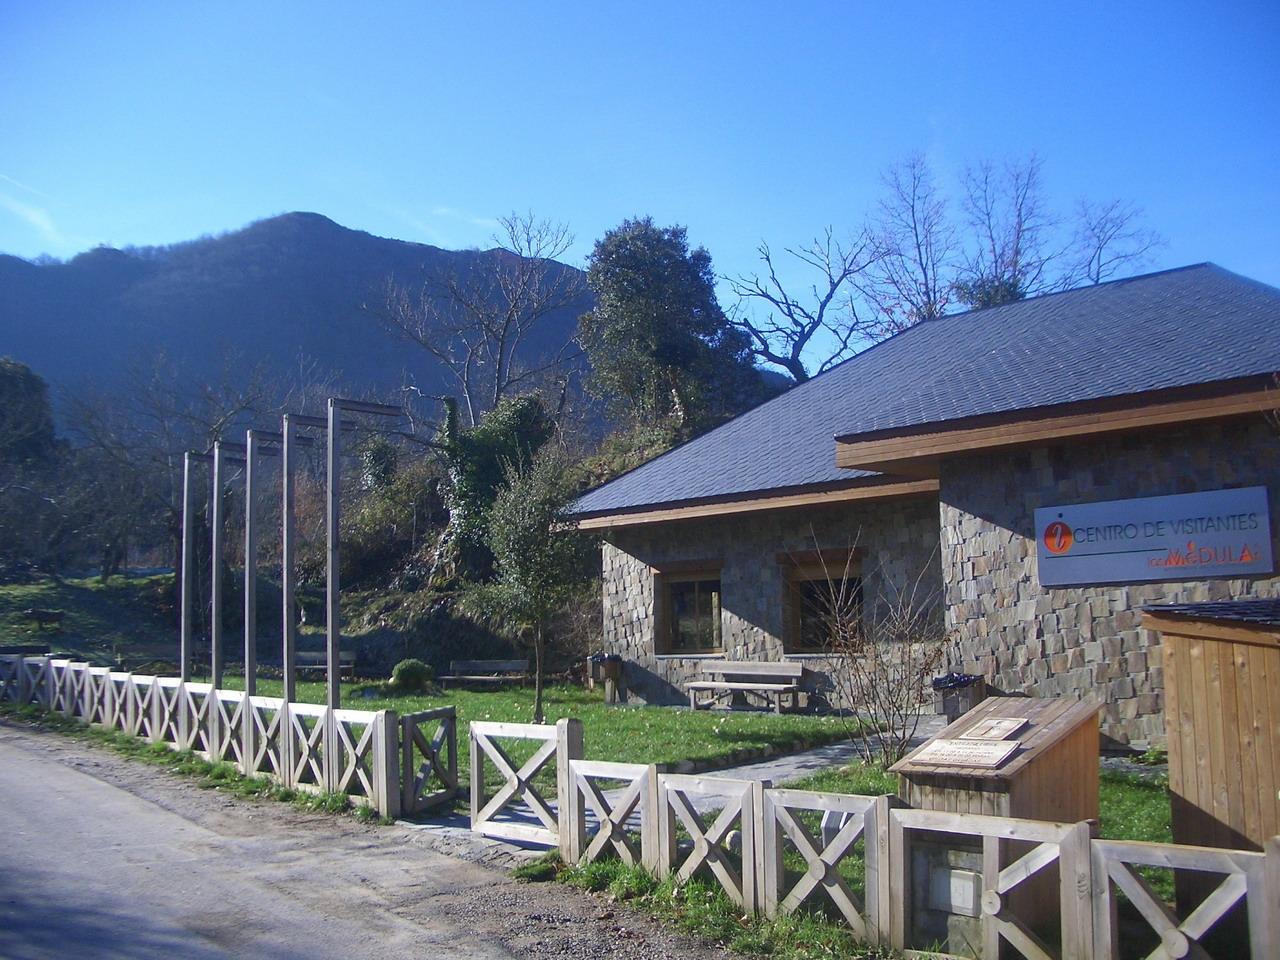 Centro de recepci n de visitantes de las m dulas portal for Oficina de turismo leon